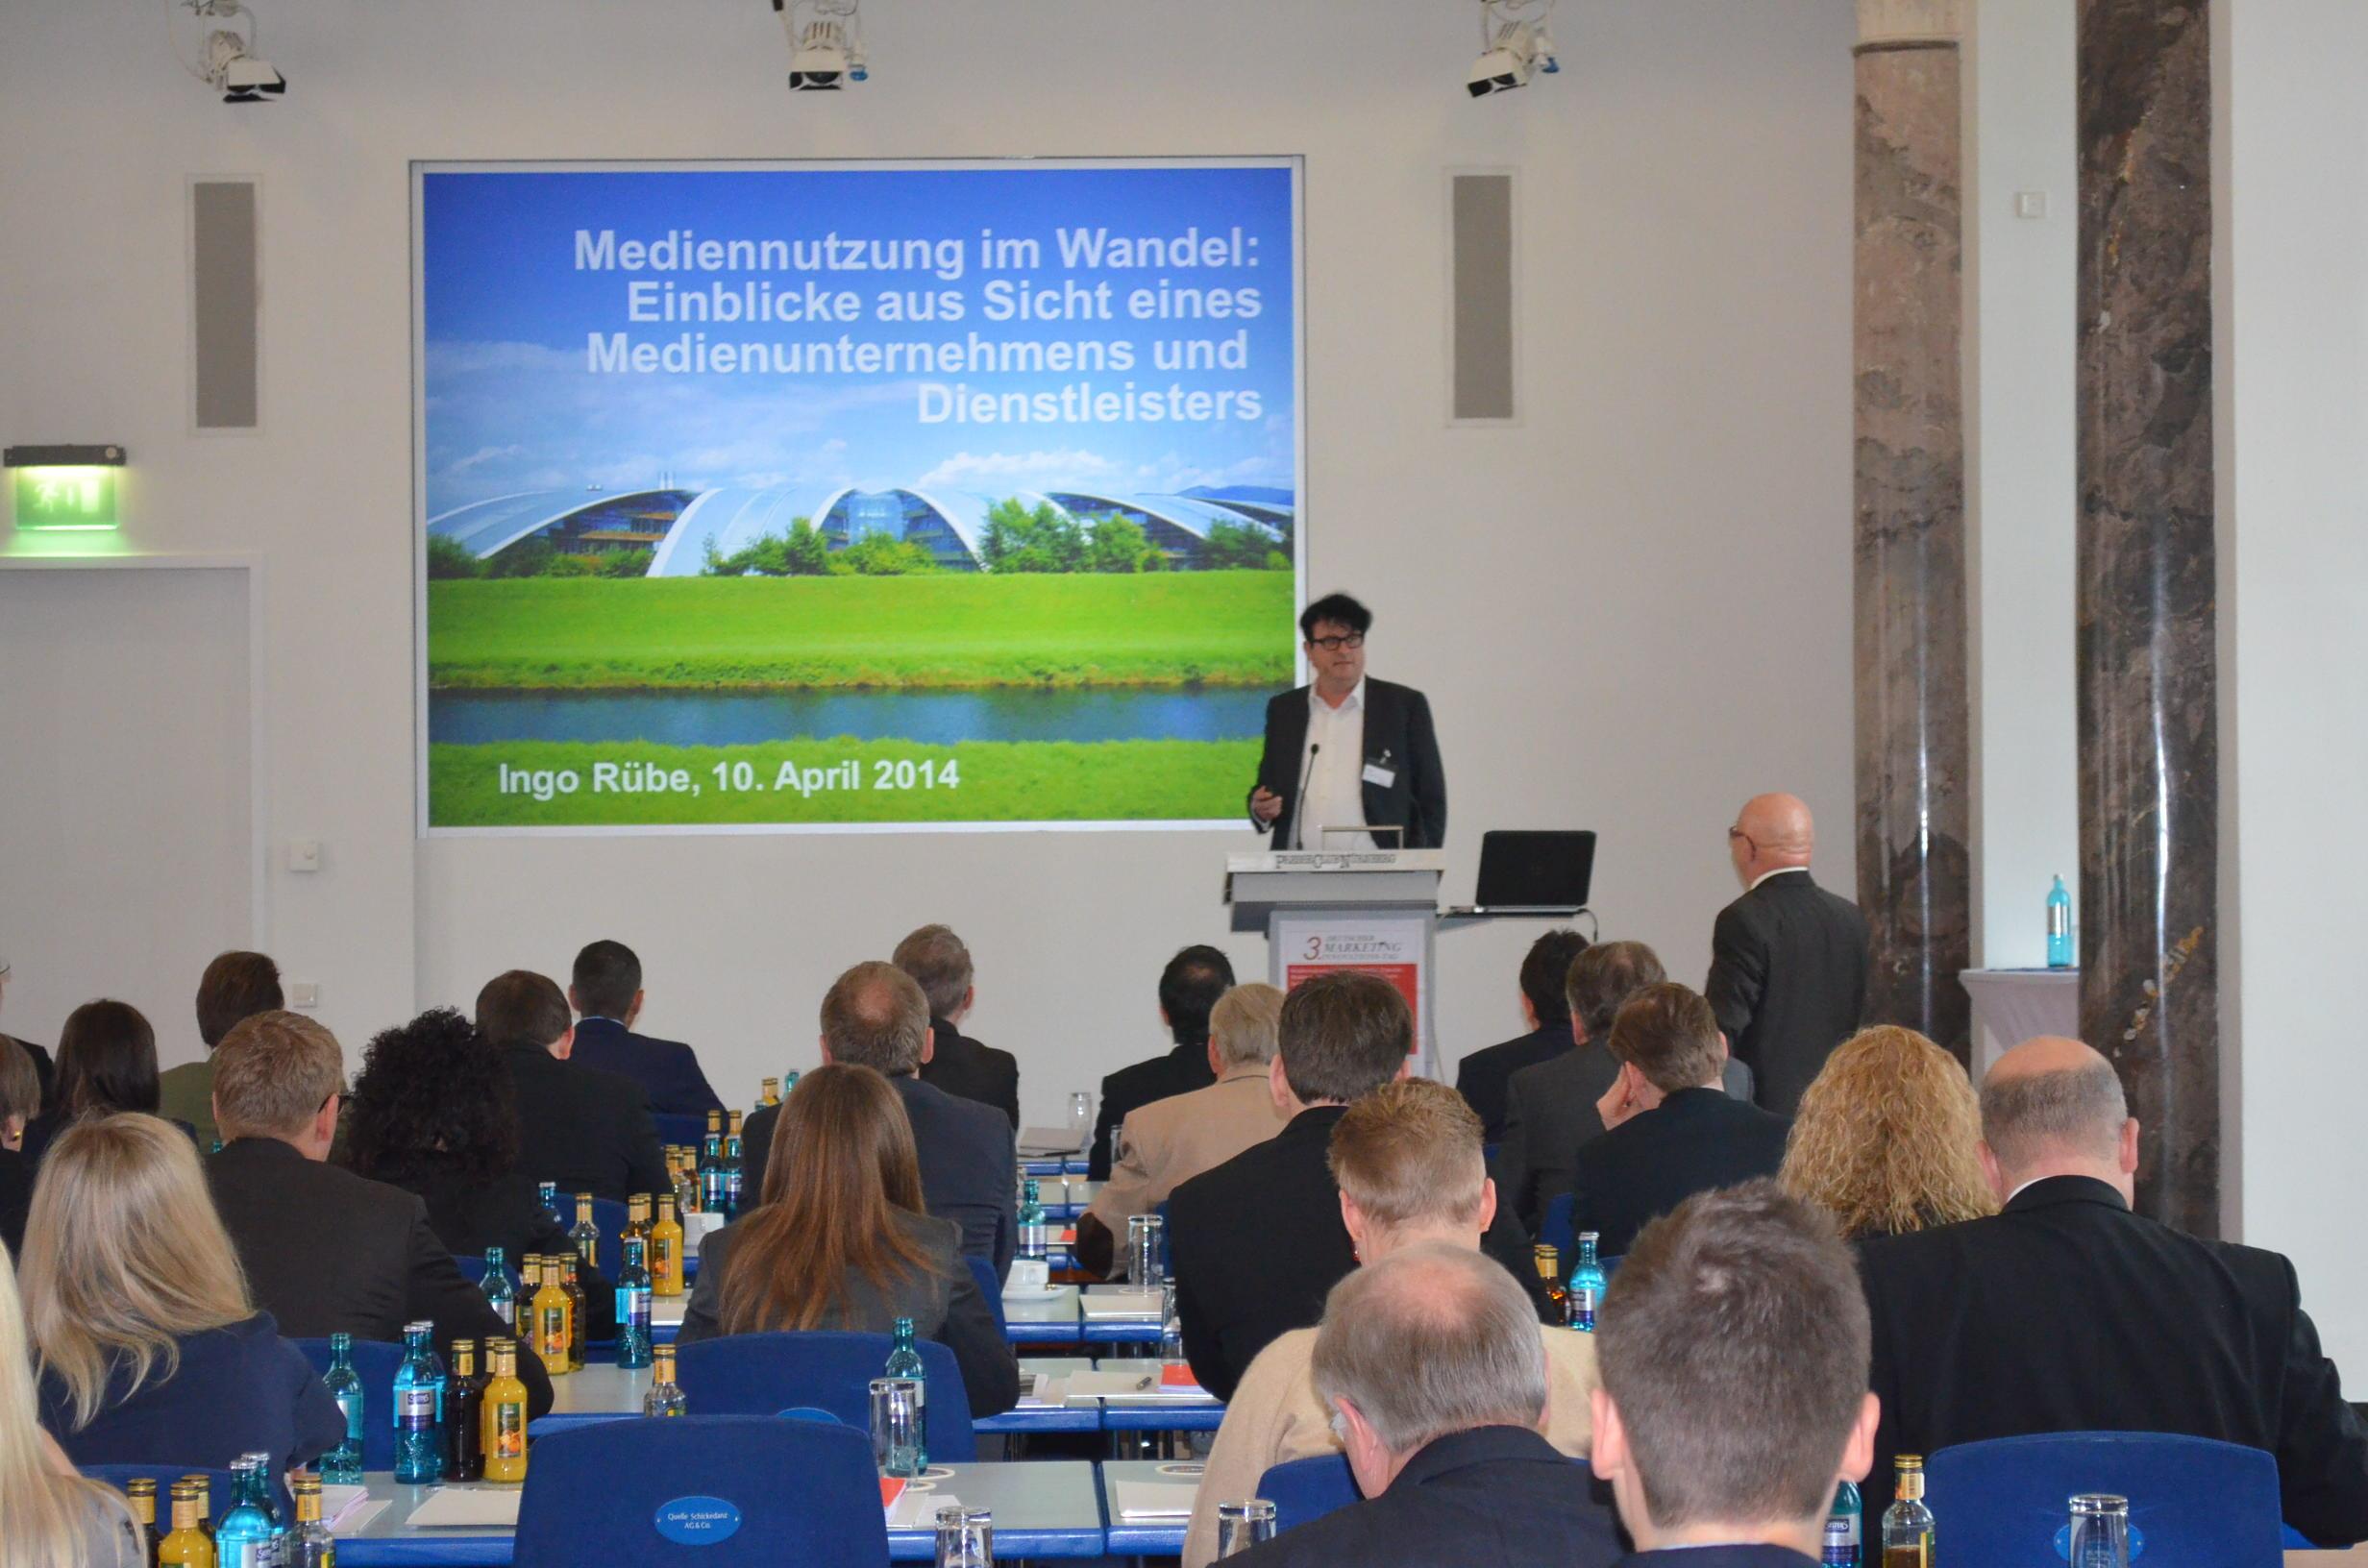 Vortrag von Ingo Rübe